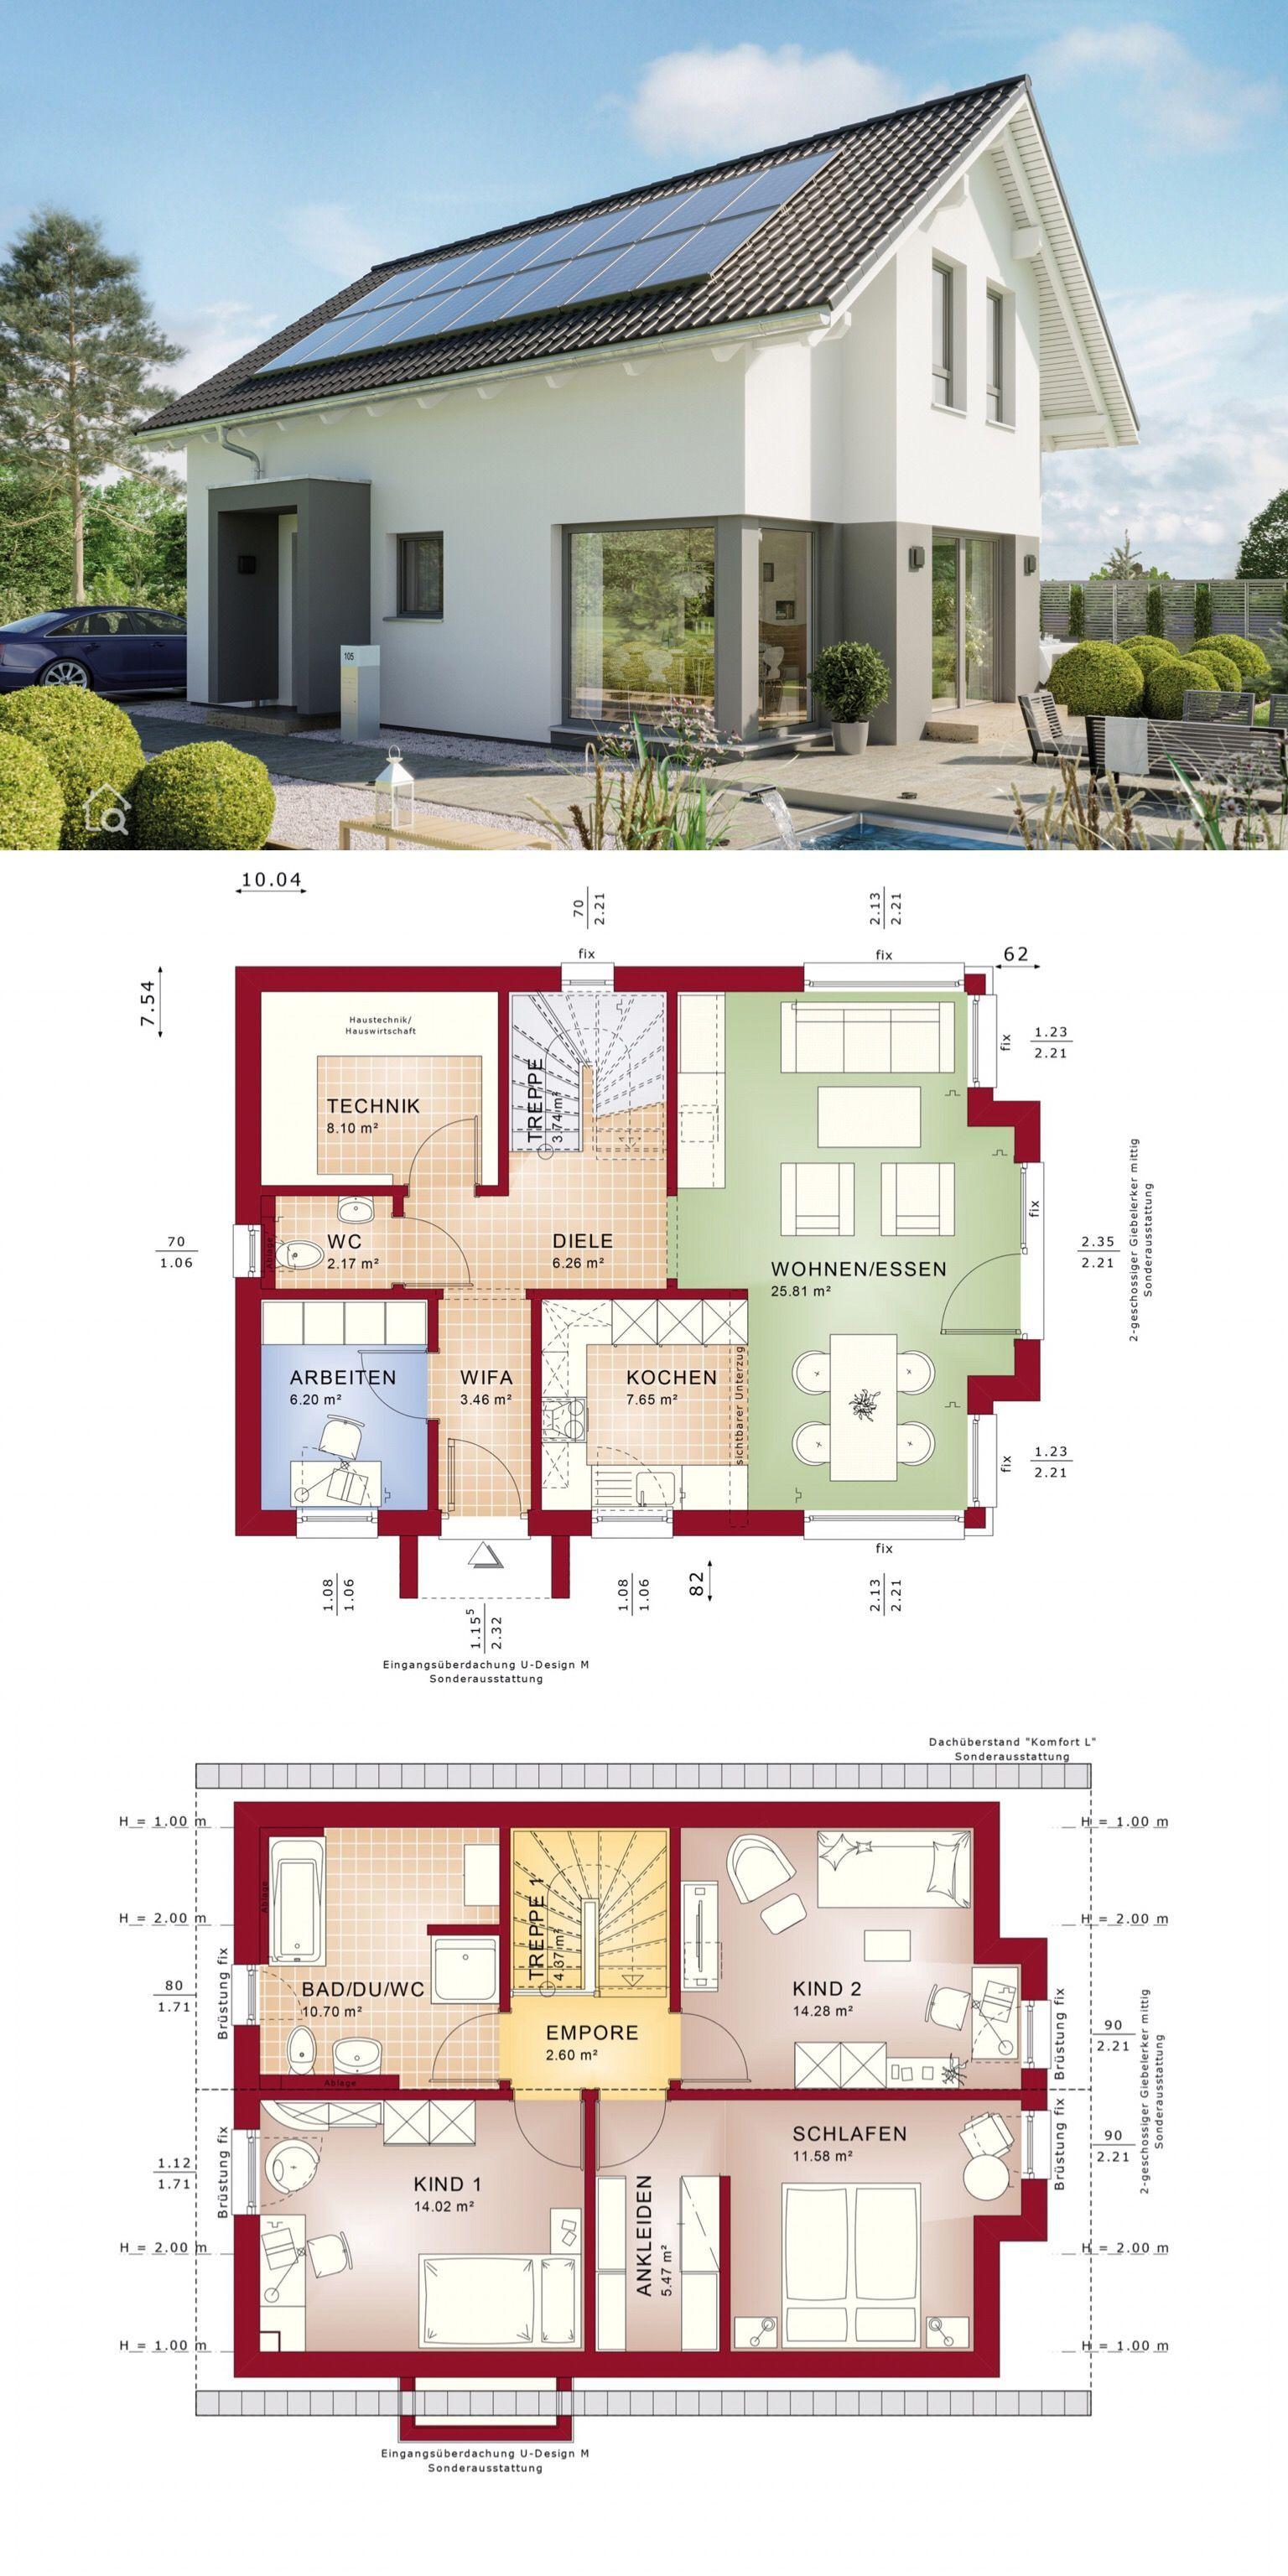 Modernes Einfamilienhaus mit 5 Zimmer Grundriss